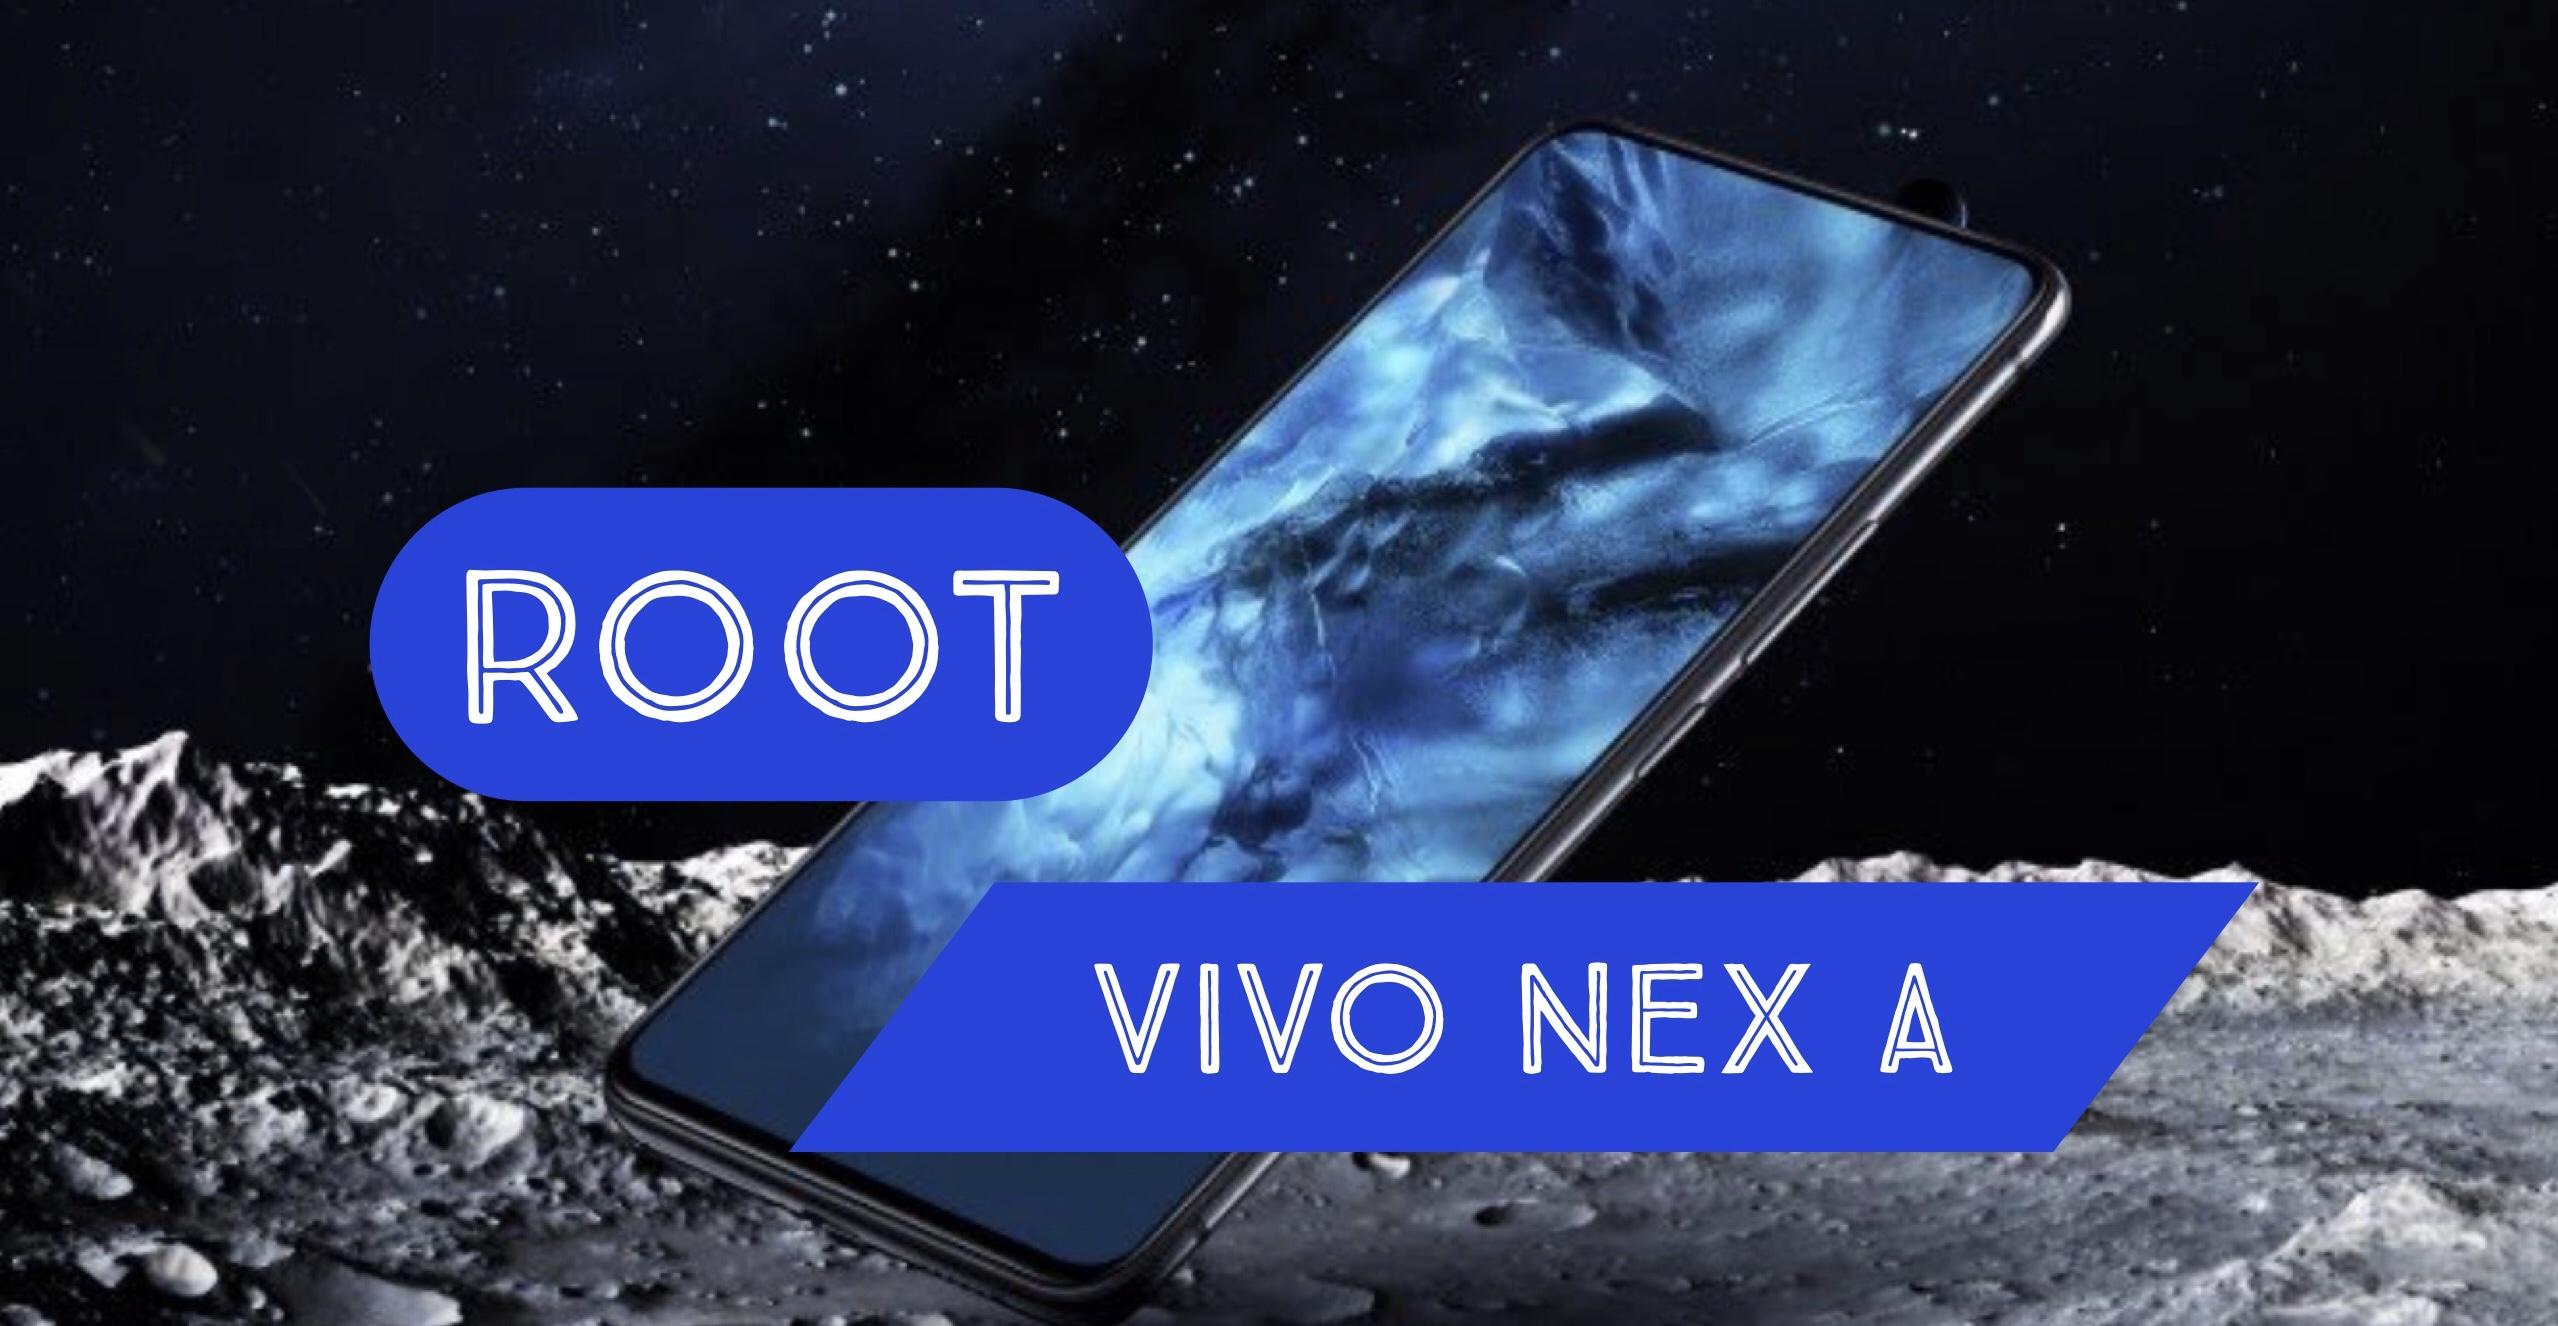 Vivo y53 root twrp